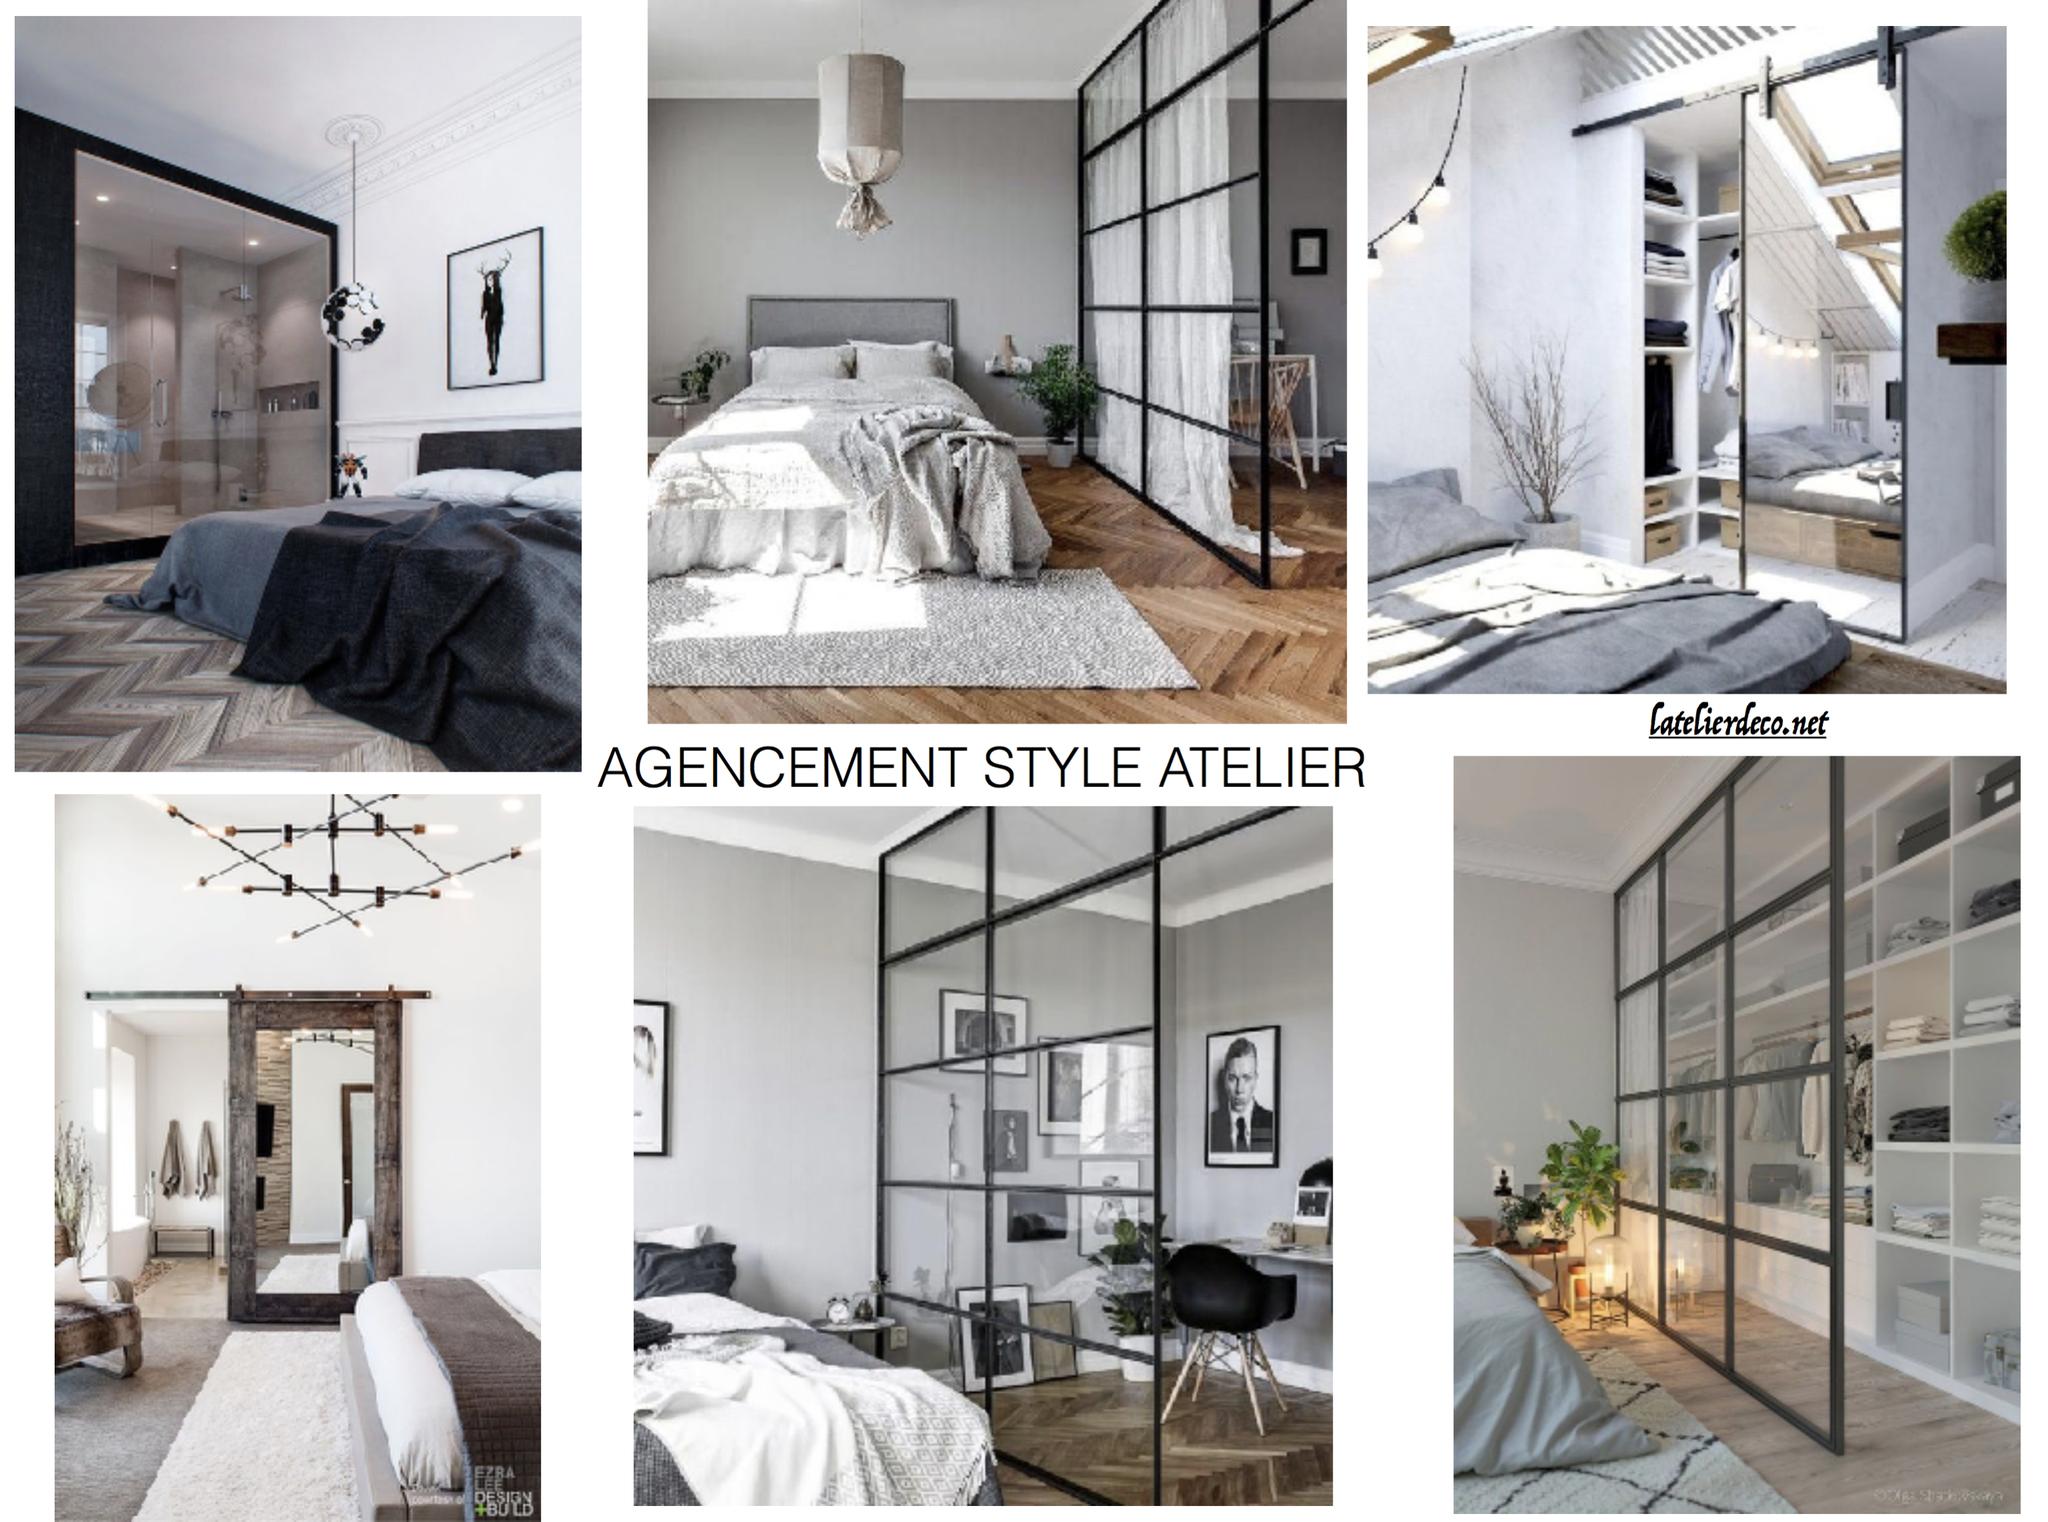 Papier Peint Style Atelier dÉcoration d'intÉrieur - site de latelierdecobykb !